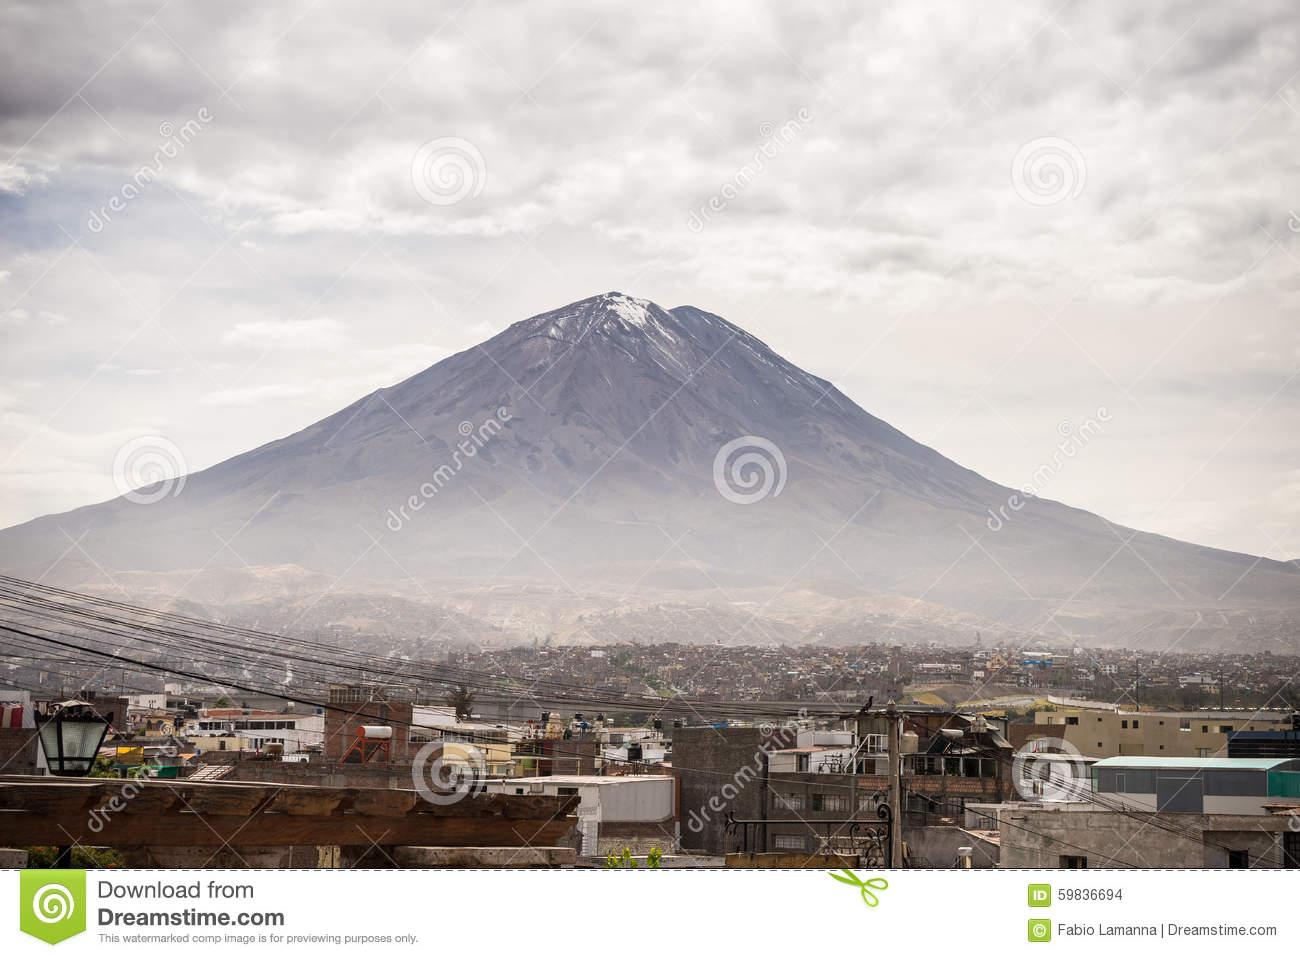 El Misti Volcano In Arequipa, Peru Stock Photo.